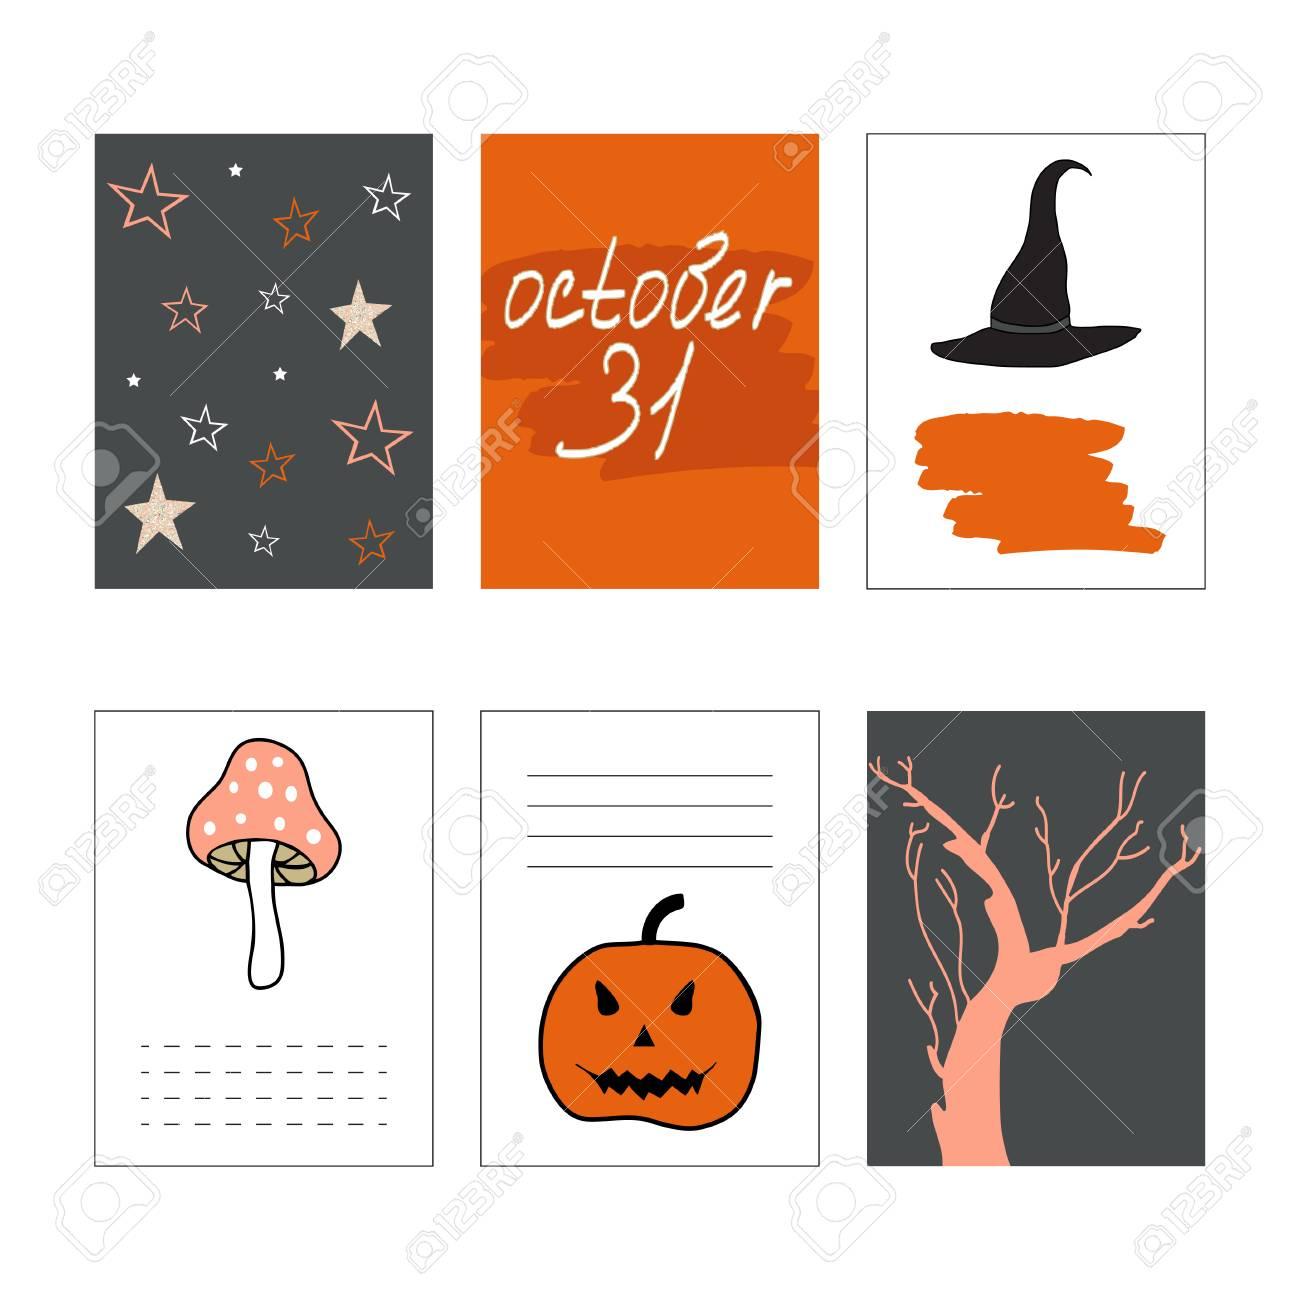 cute halloween cards set vector illustration journaling cards pumpkin tree mushroom